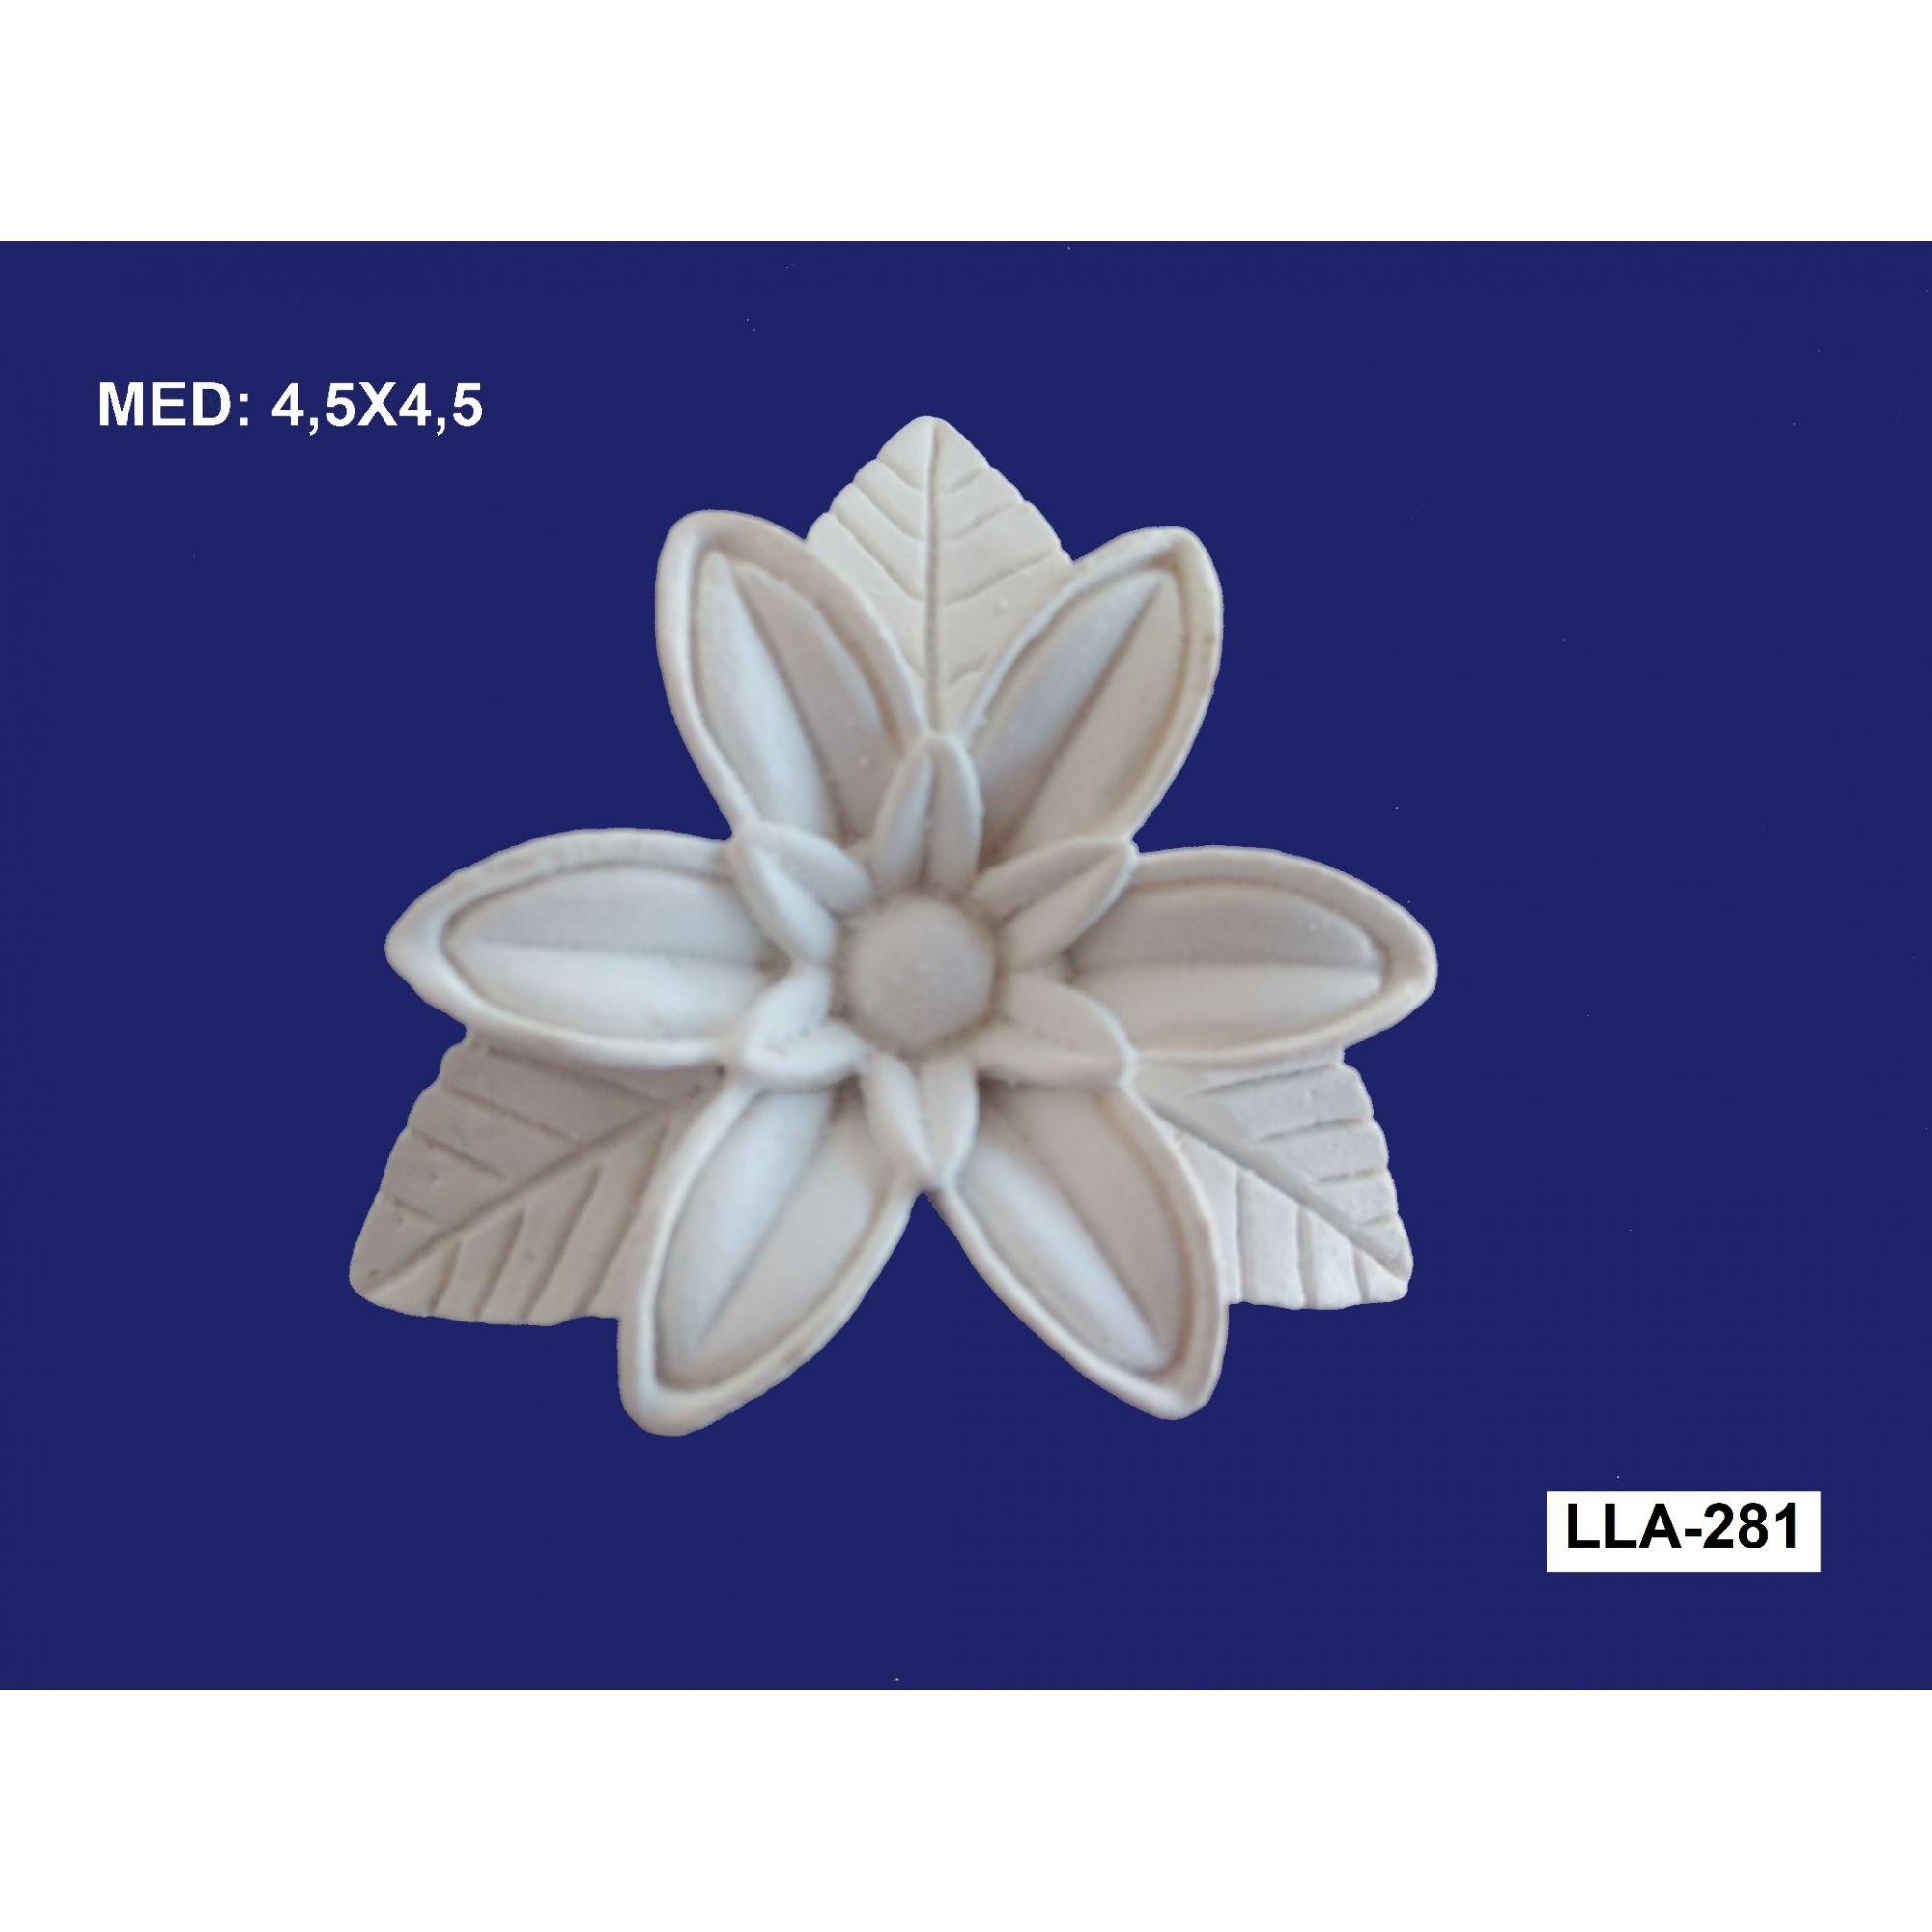 LLA-281 APLIQUE FLOR 4,5X4,5CM